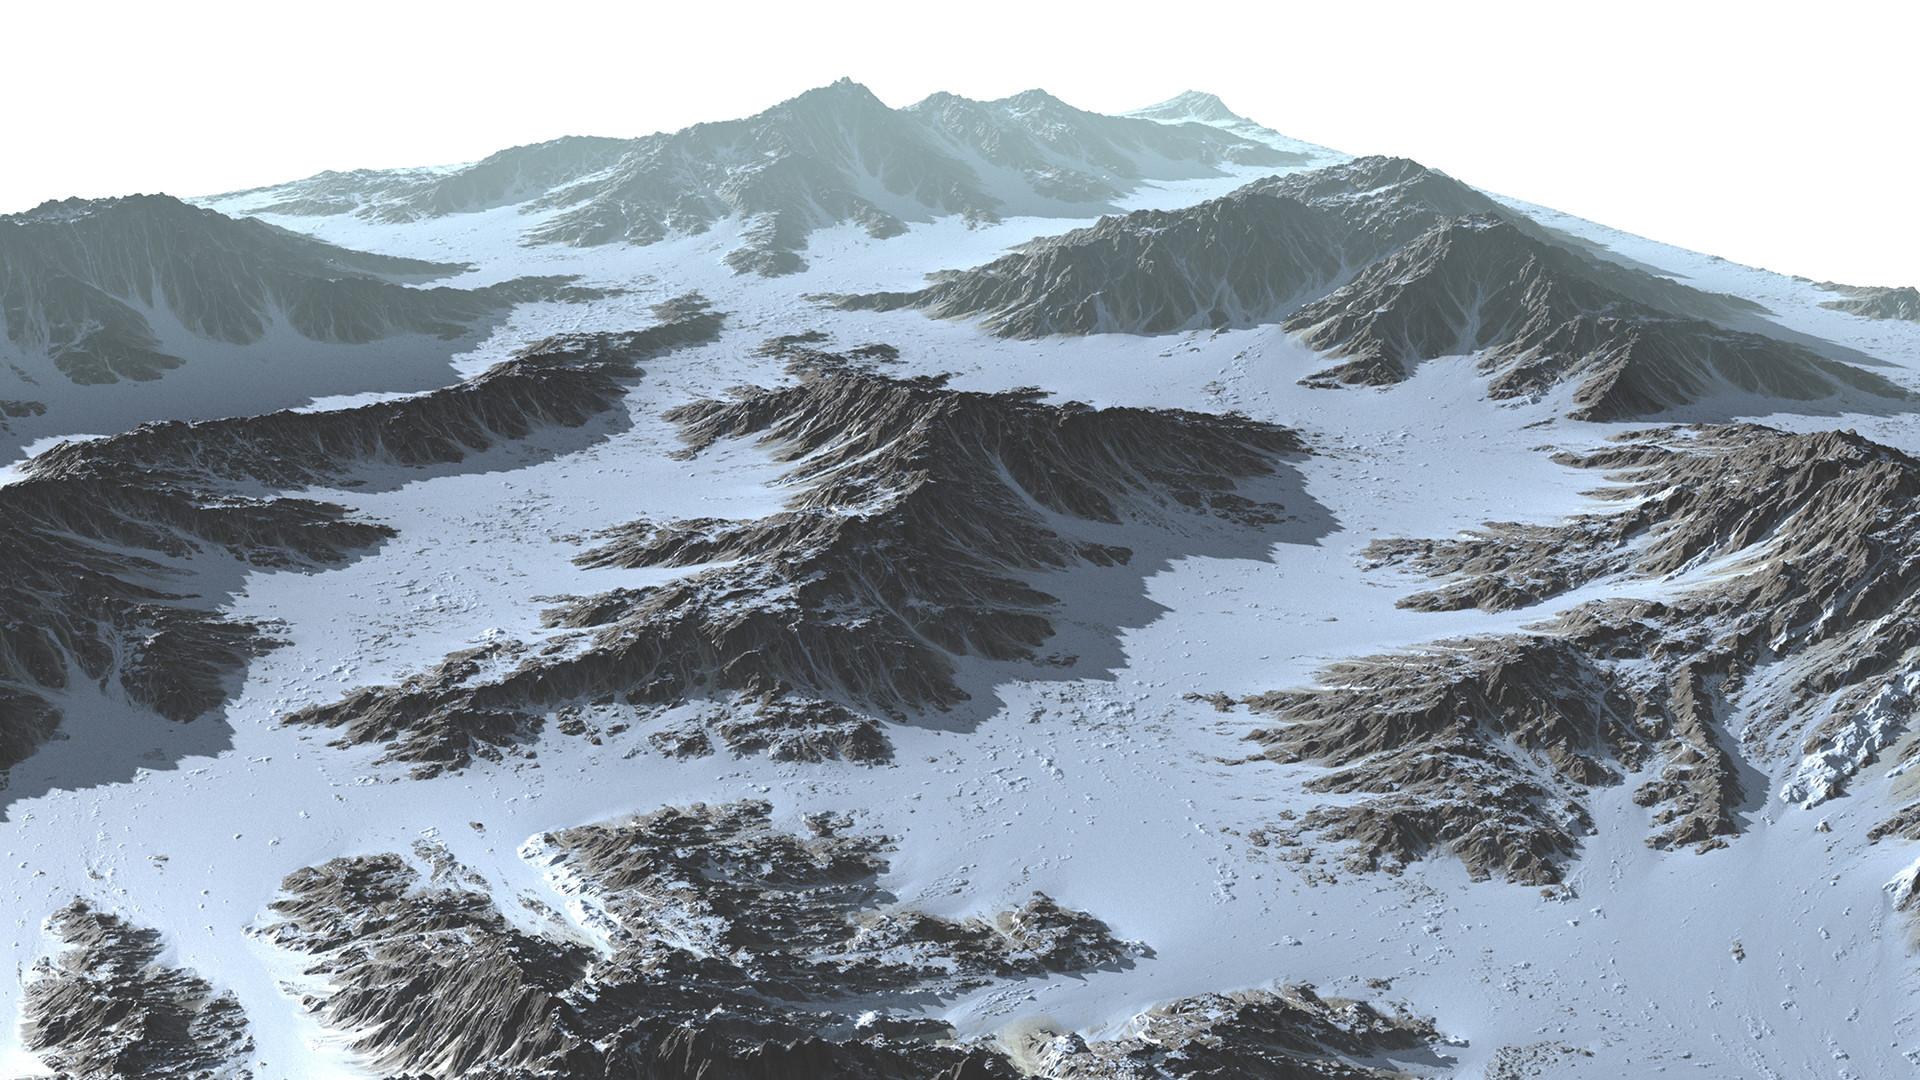 Glenn melenhorst mountainssmall